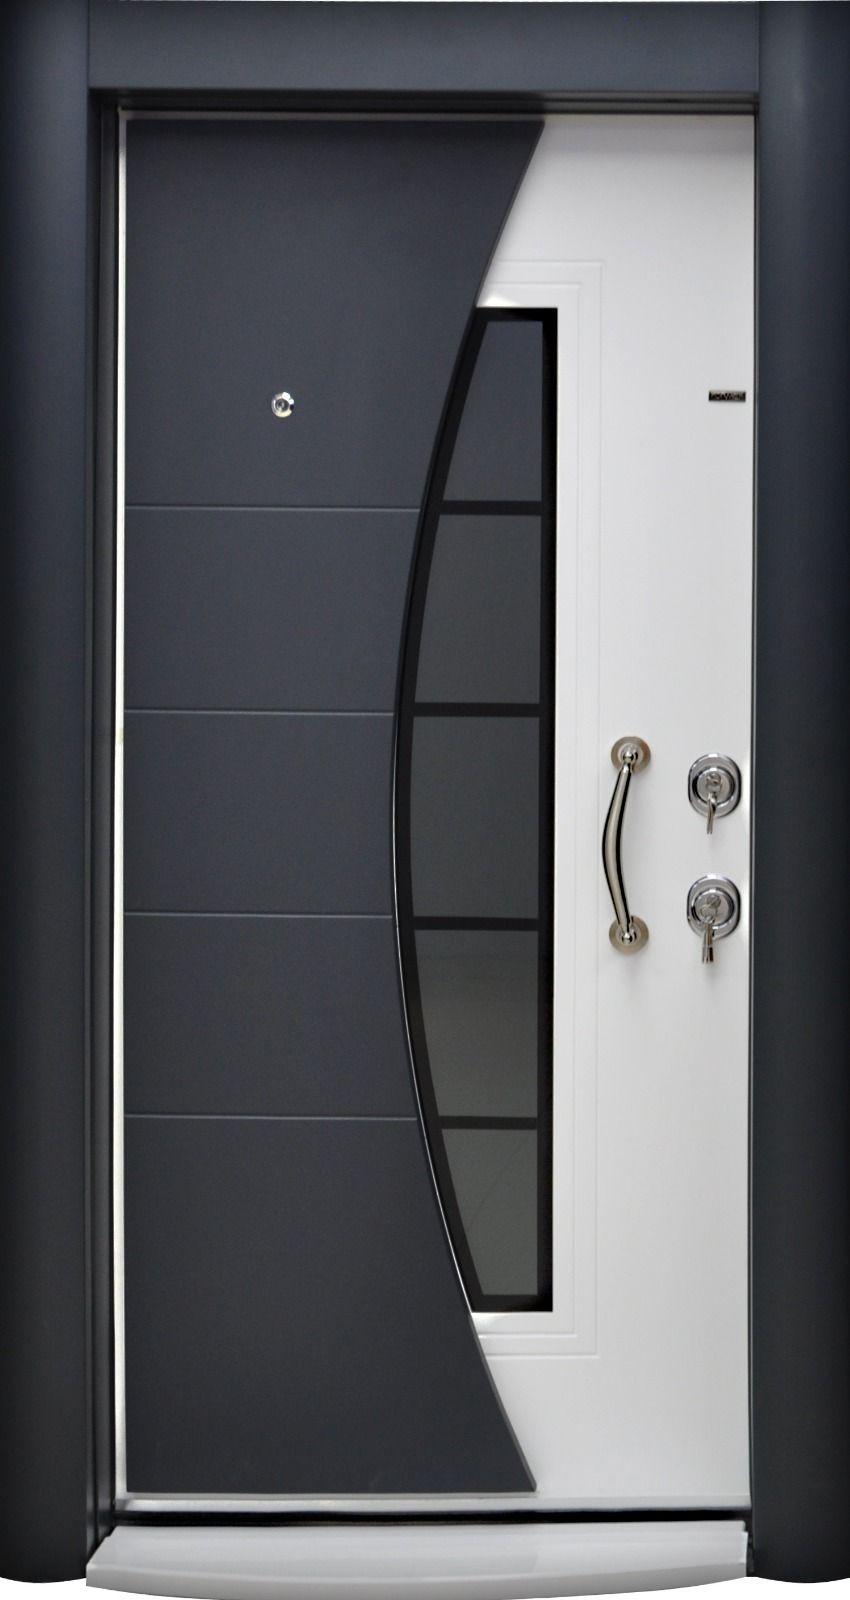 vandoor Çelİk kapi 0544 202 70 41 | door design interior